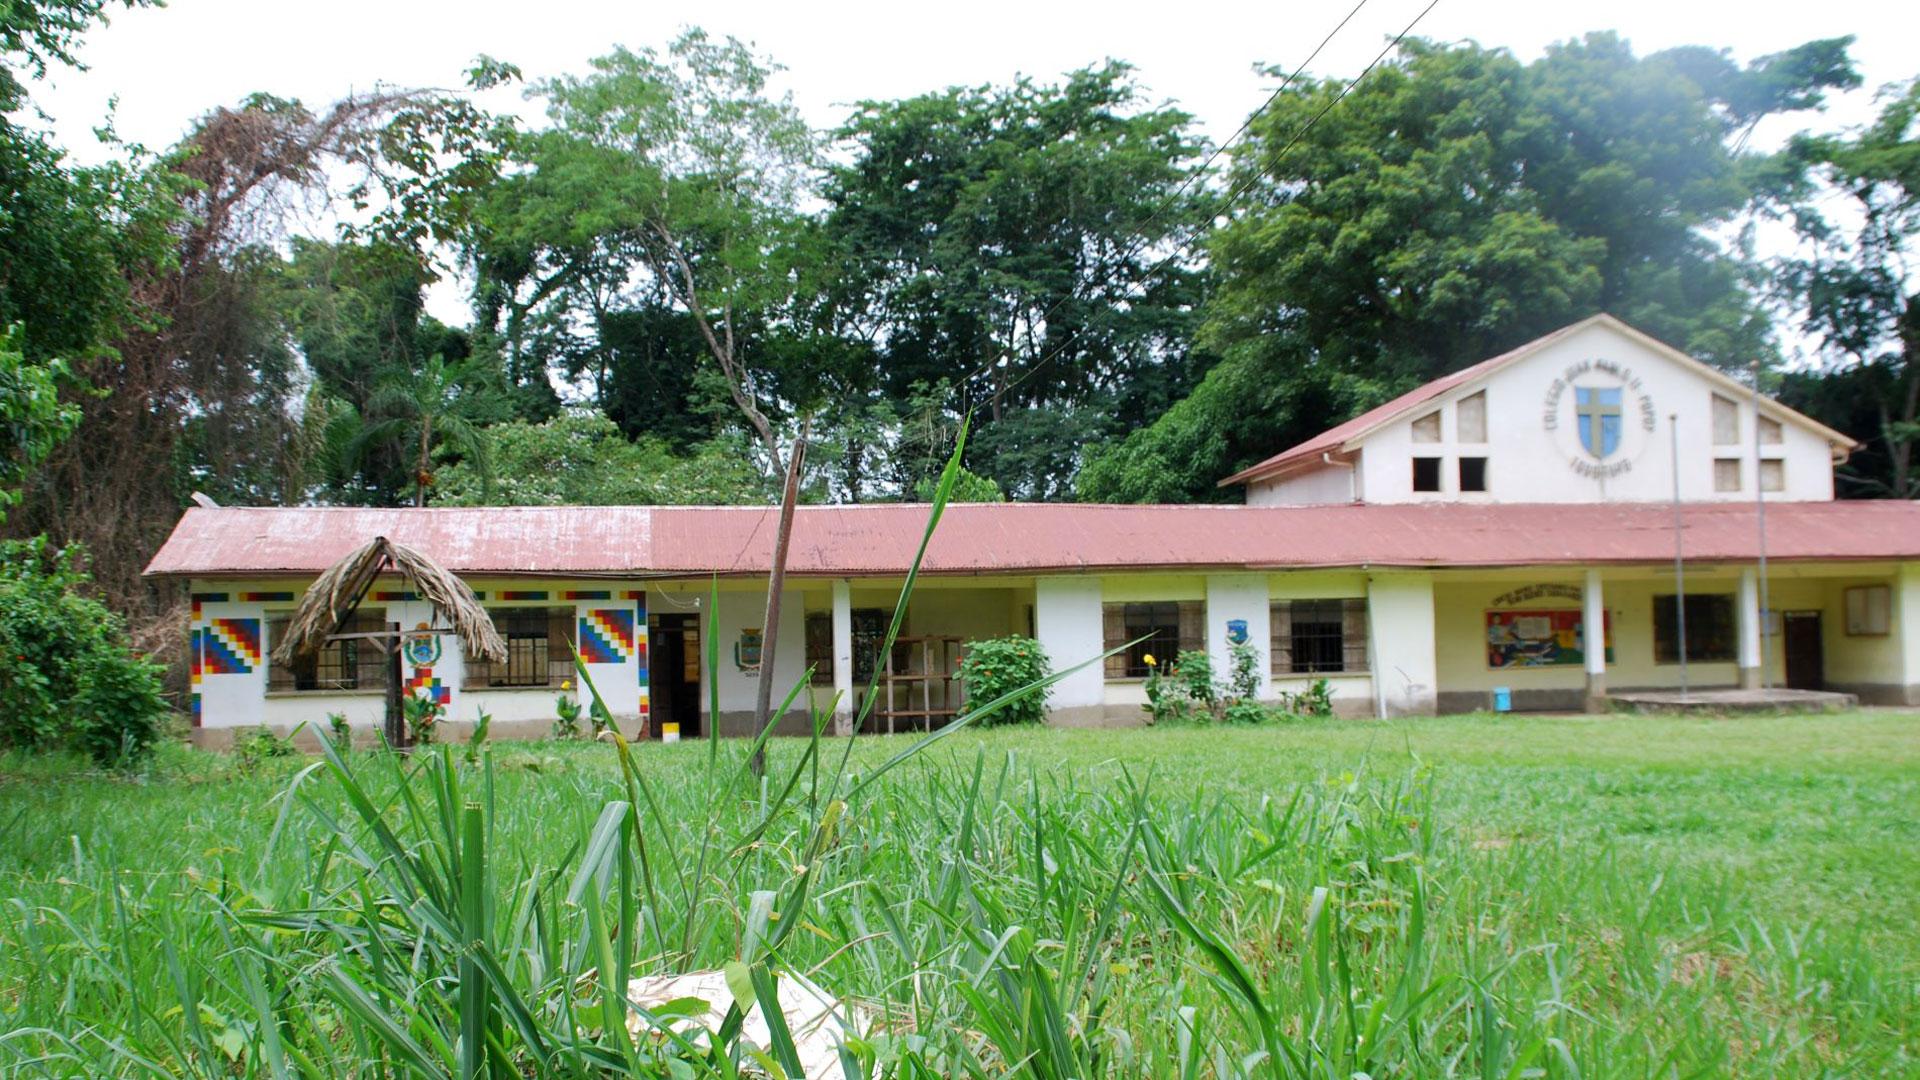 Außenansicht eines Schulgebäudes